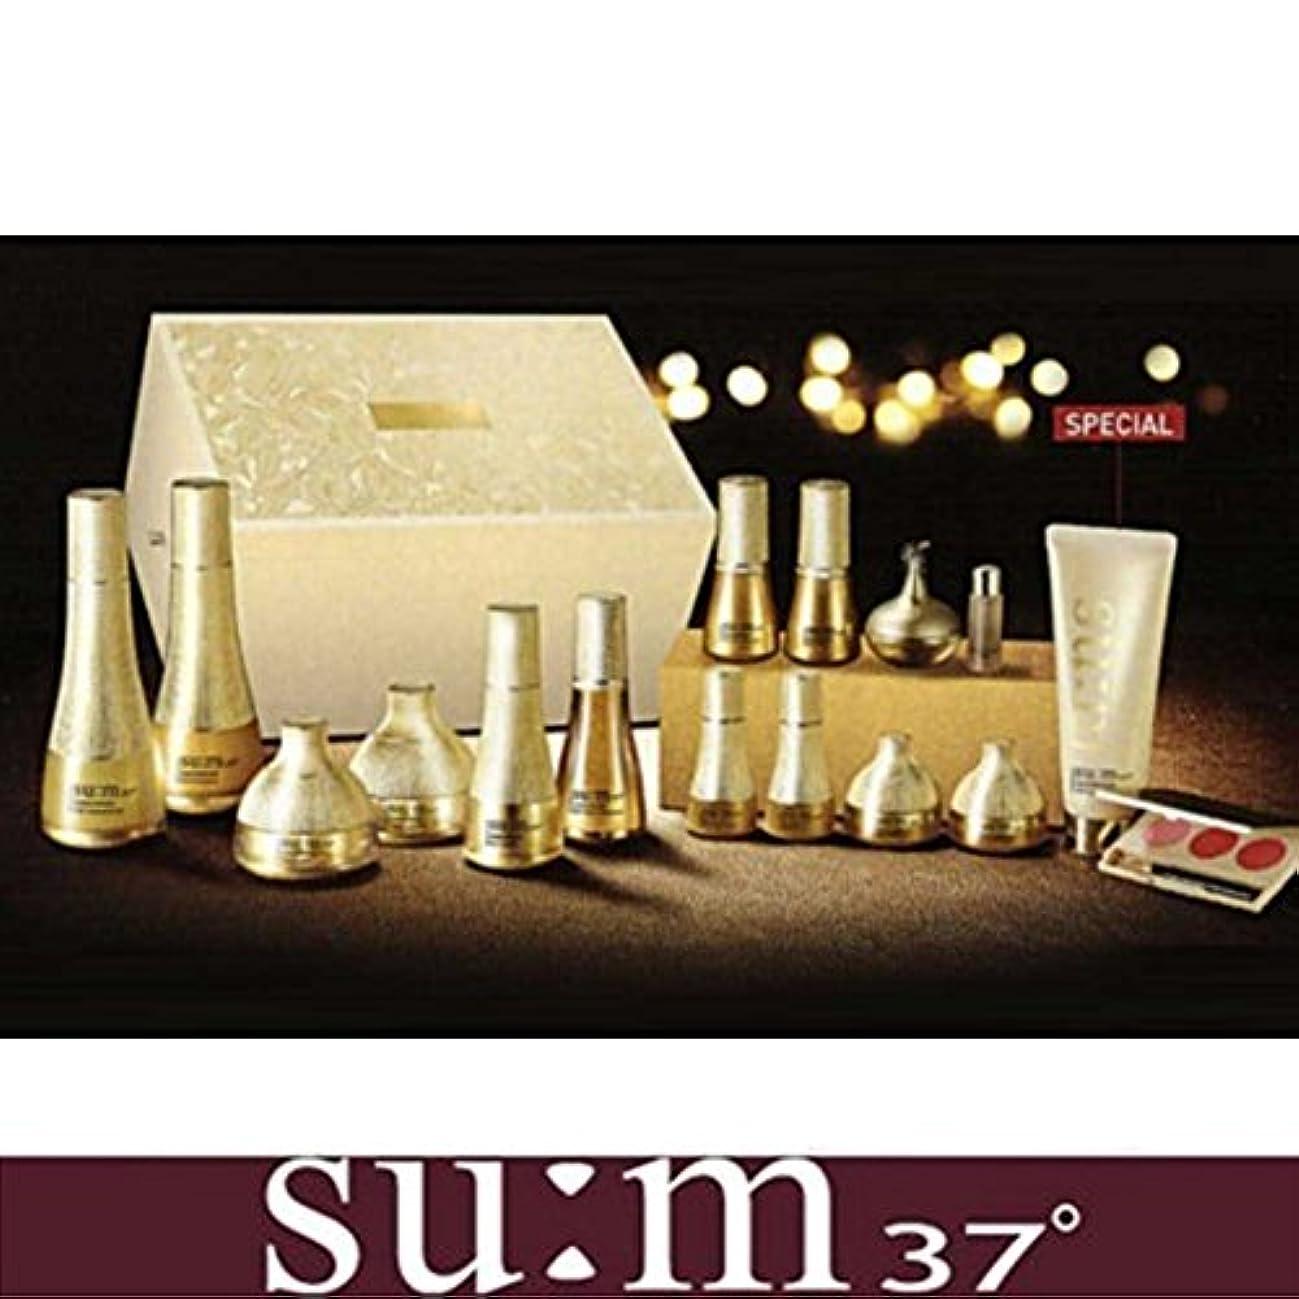 乱れアレイ輸血[su:m37/スム37°]LosecSumma Premium Special Limited Skincare Set/プレミアムスペシャルリミテッドスキンケアセット + [Sample Gift](海外直送品)